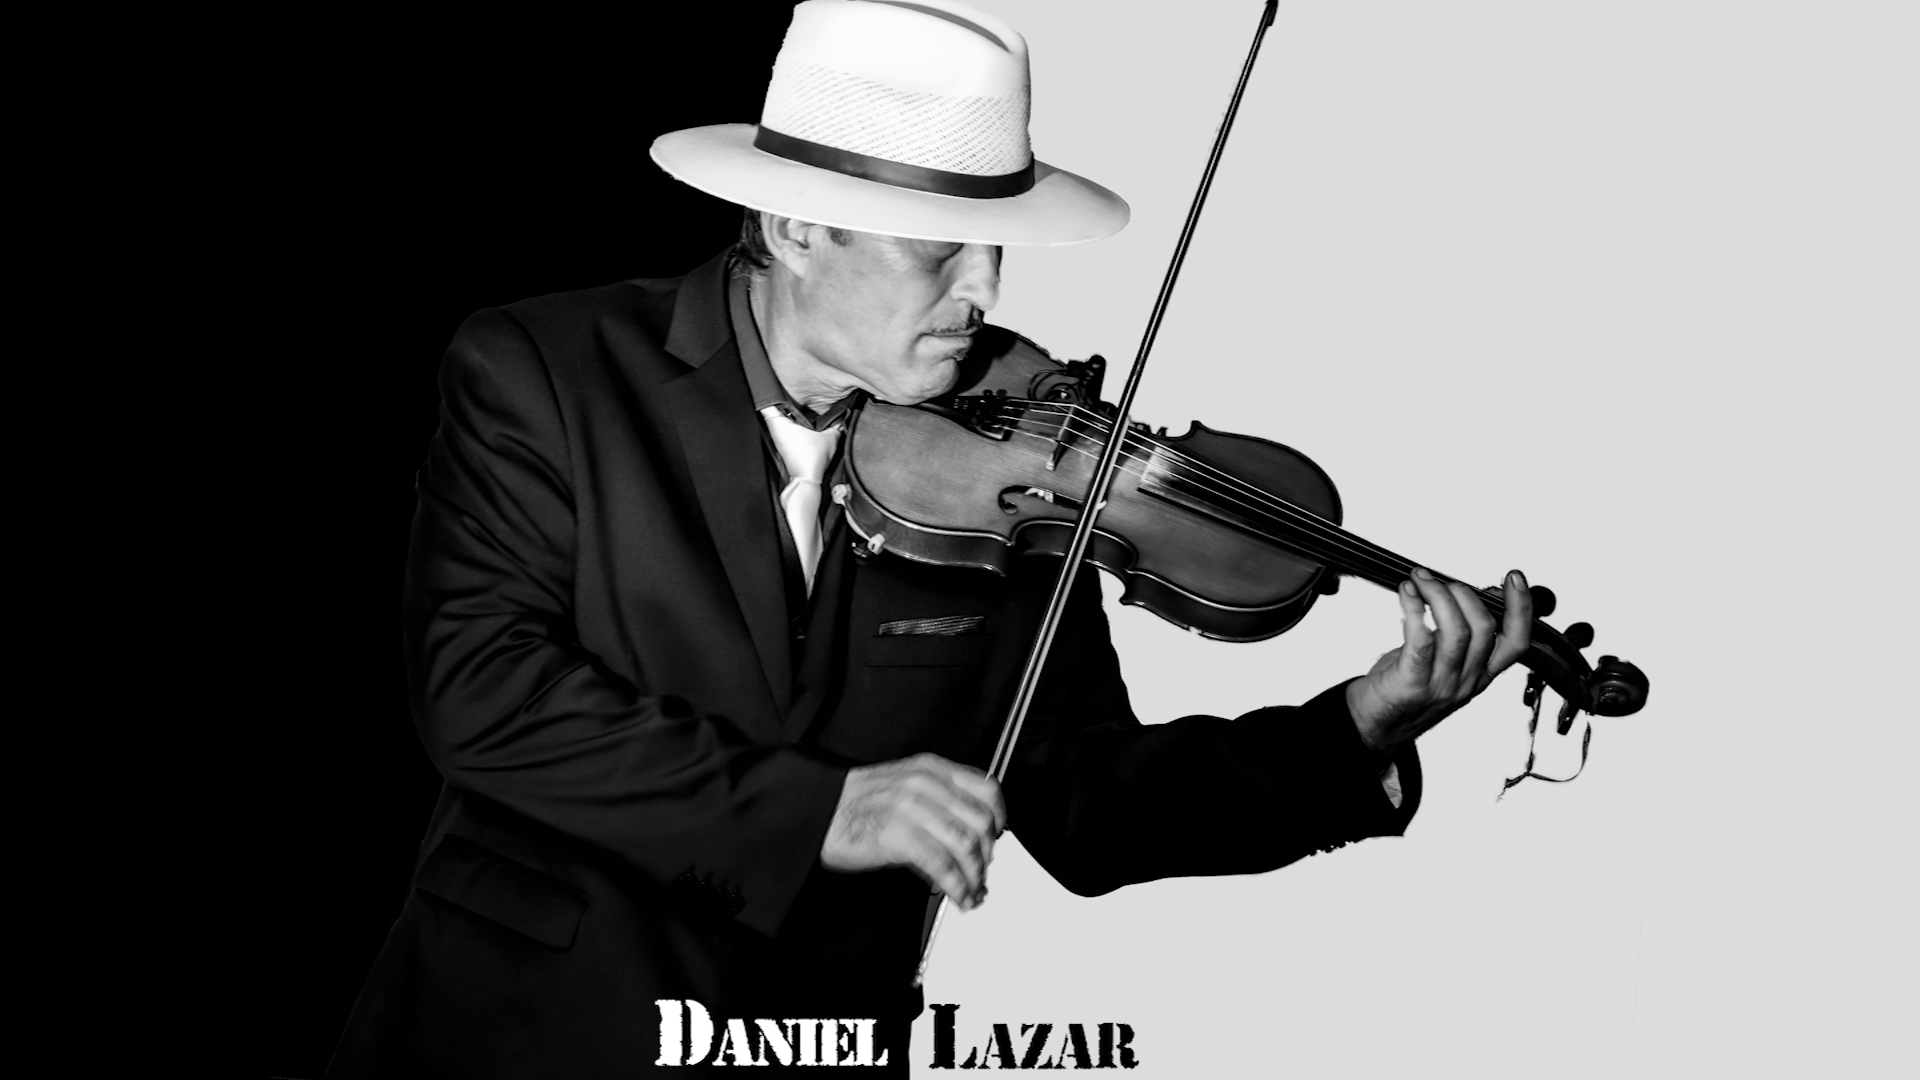 Daniel Lazar